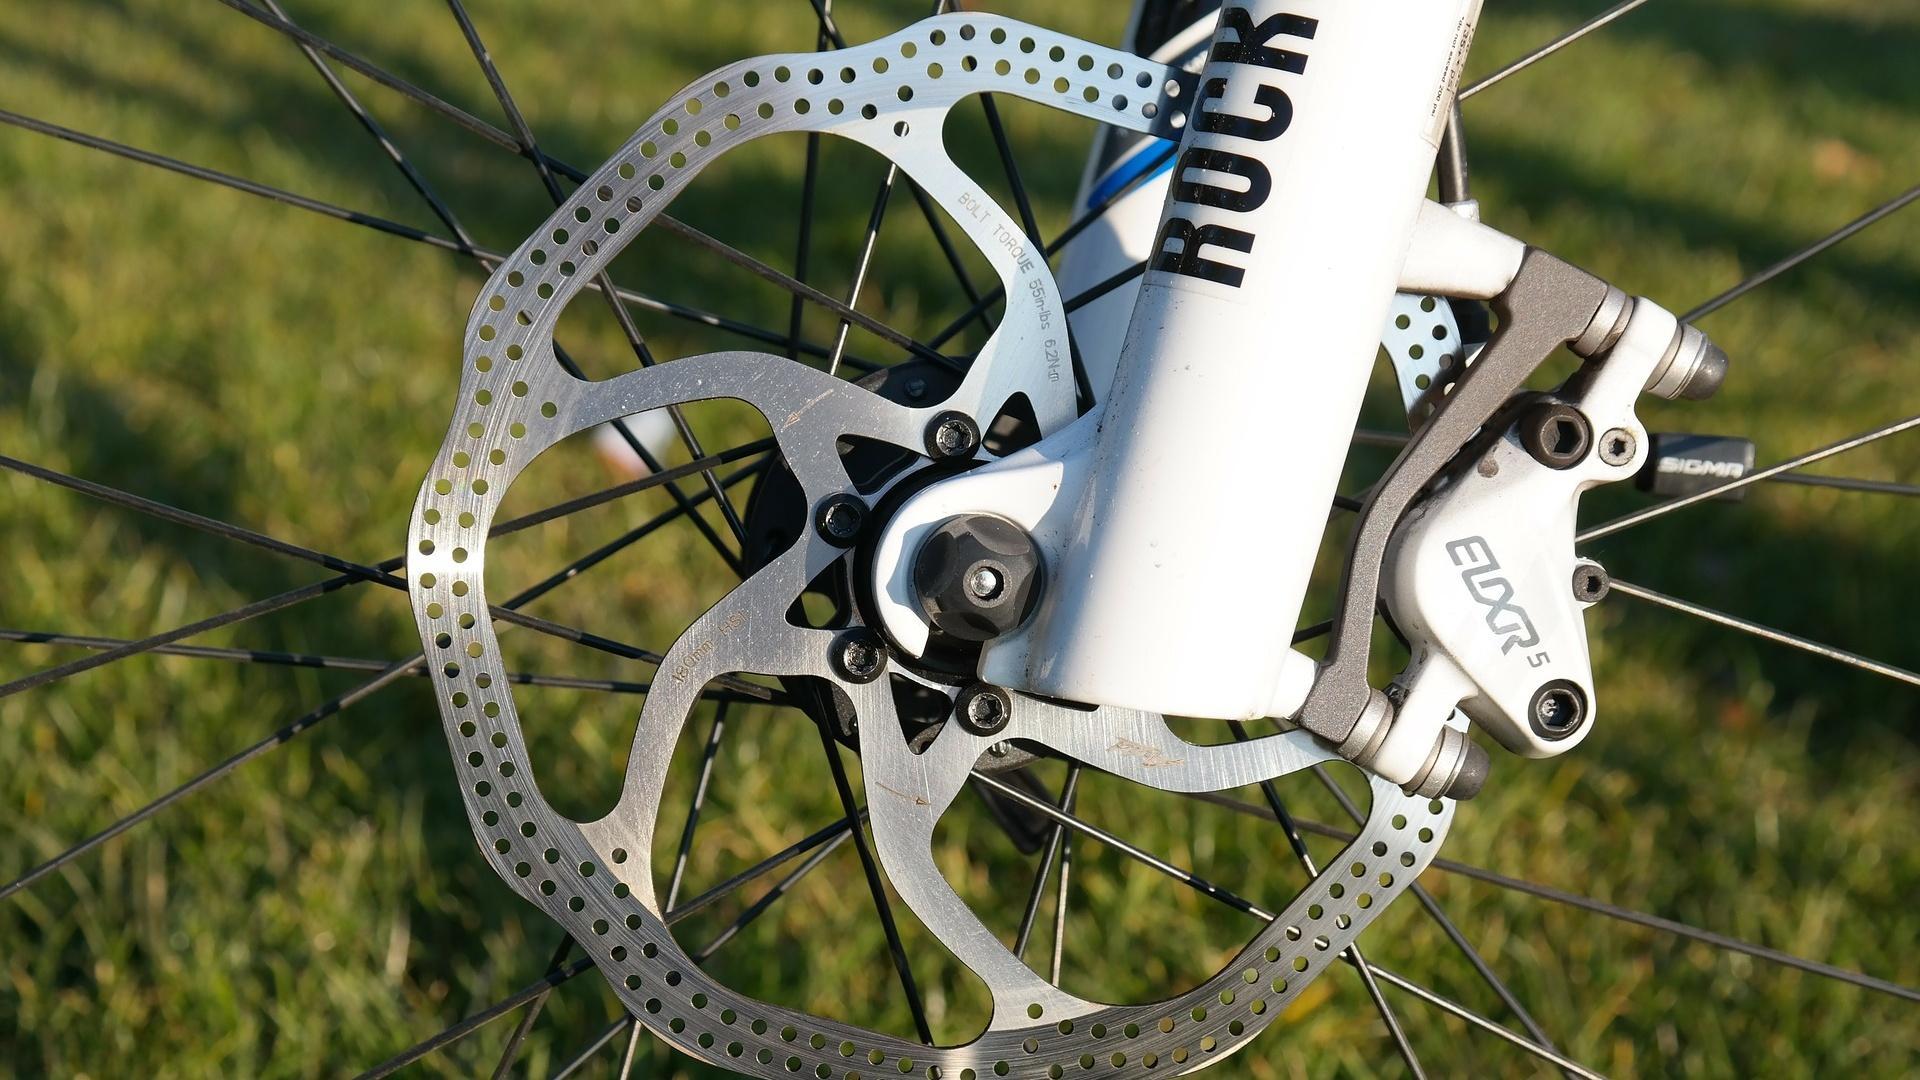 Beim Kauf eines Fahrrads ist zu überlegen, ob eine mechanische oder hydraulische Scheibenbremse infrage kommt.